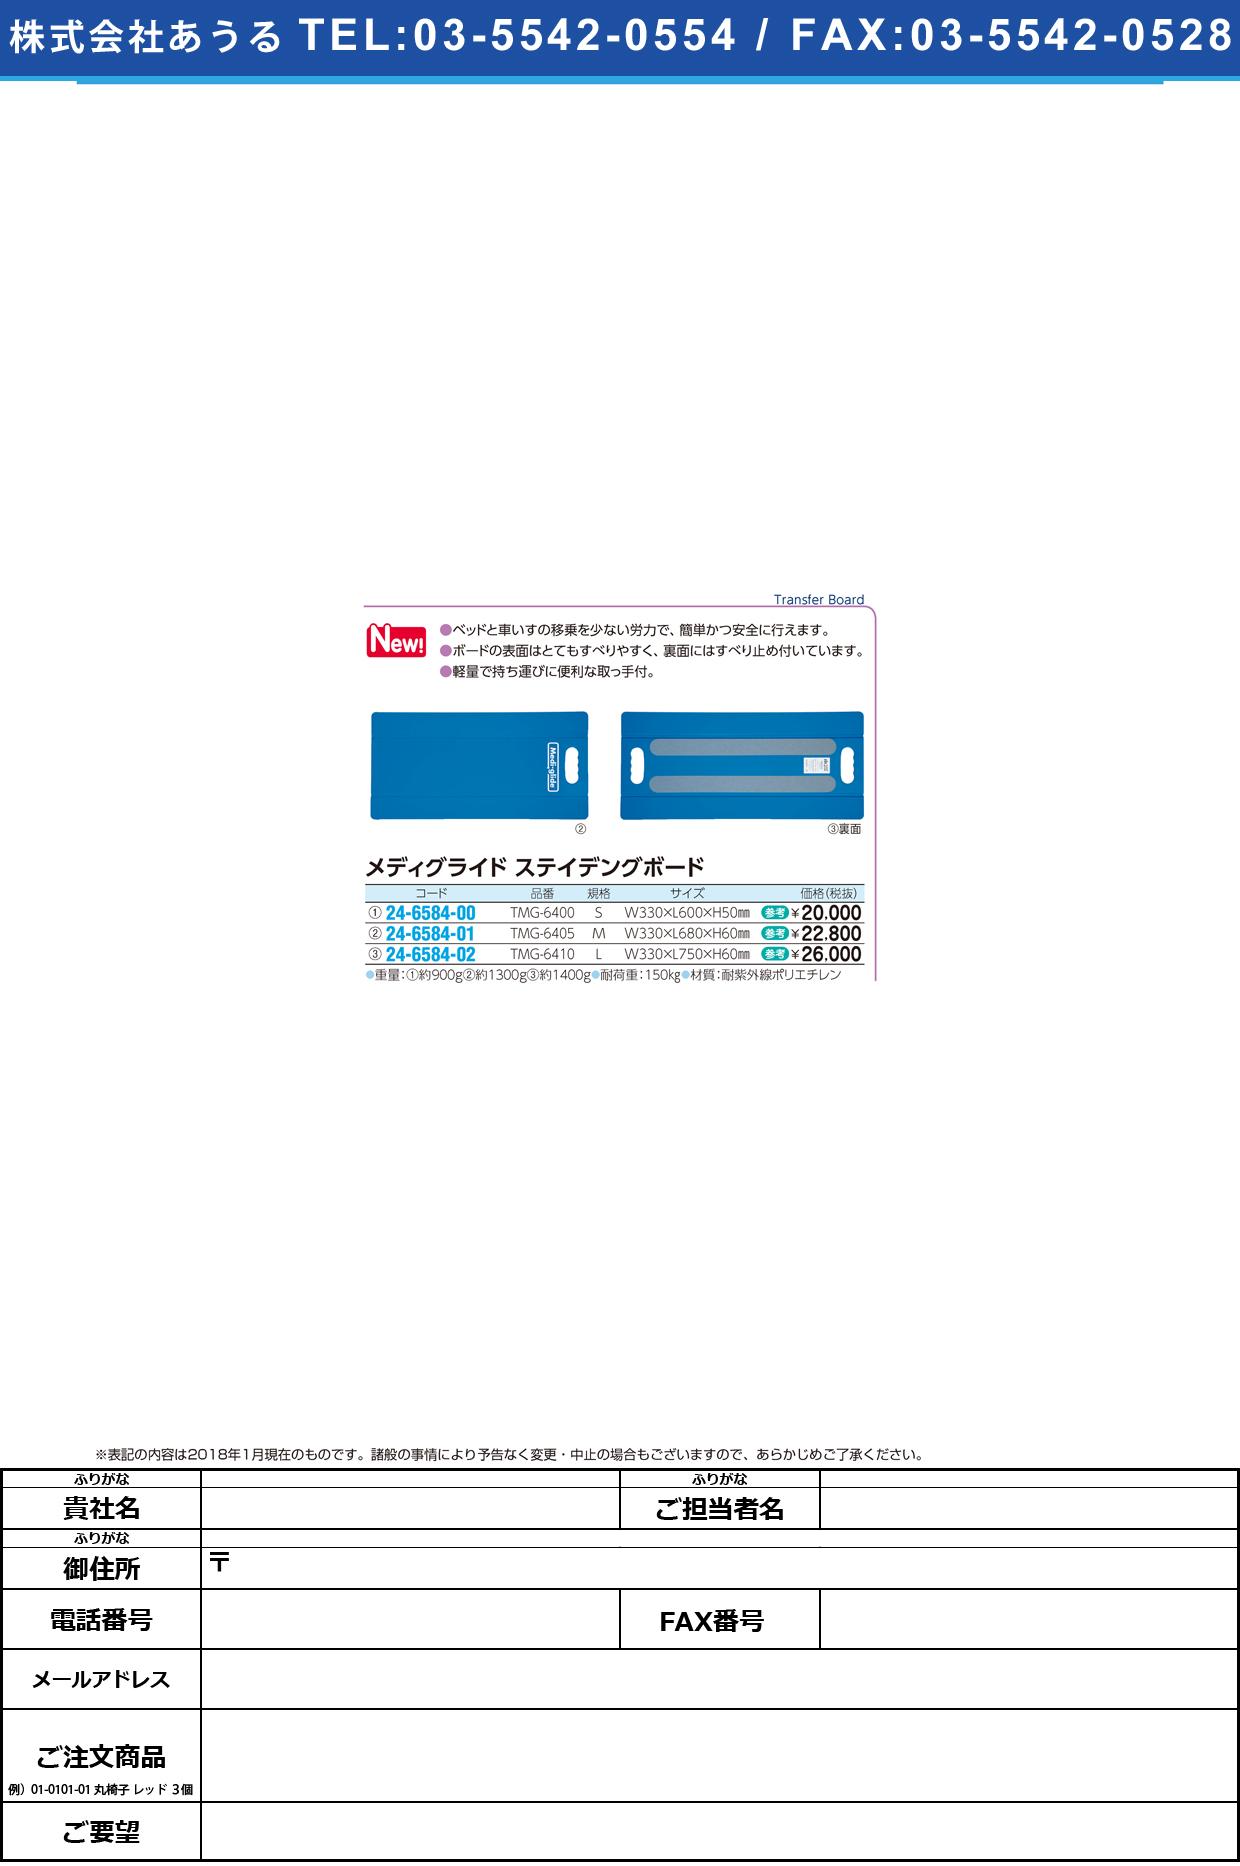 (24-6584-01)メディグライドステイデングボード TMG-6405(M)330X680 メディグライドステイデングボ(日本エンゼル)【1枚単位】【2018年カタログ商品】